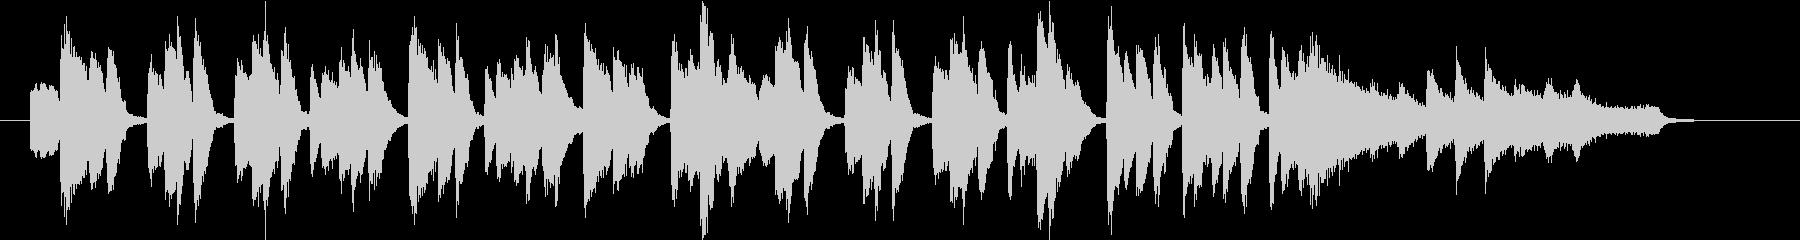 陽気なピアノワルツの未再生の波形